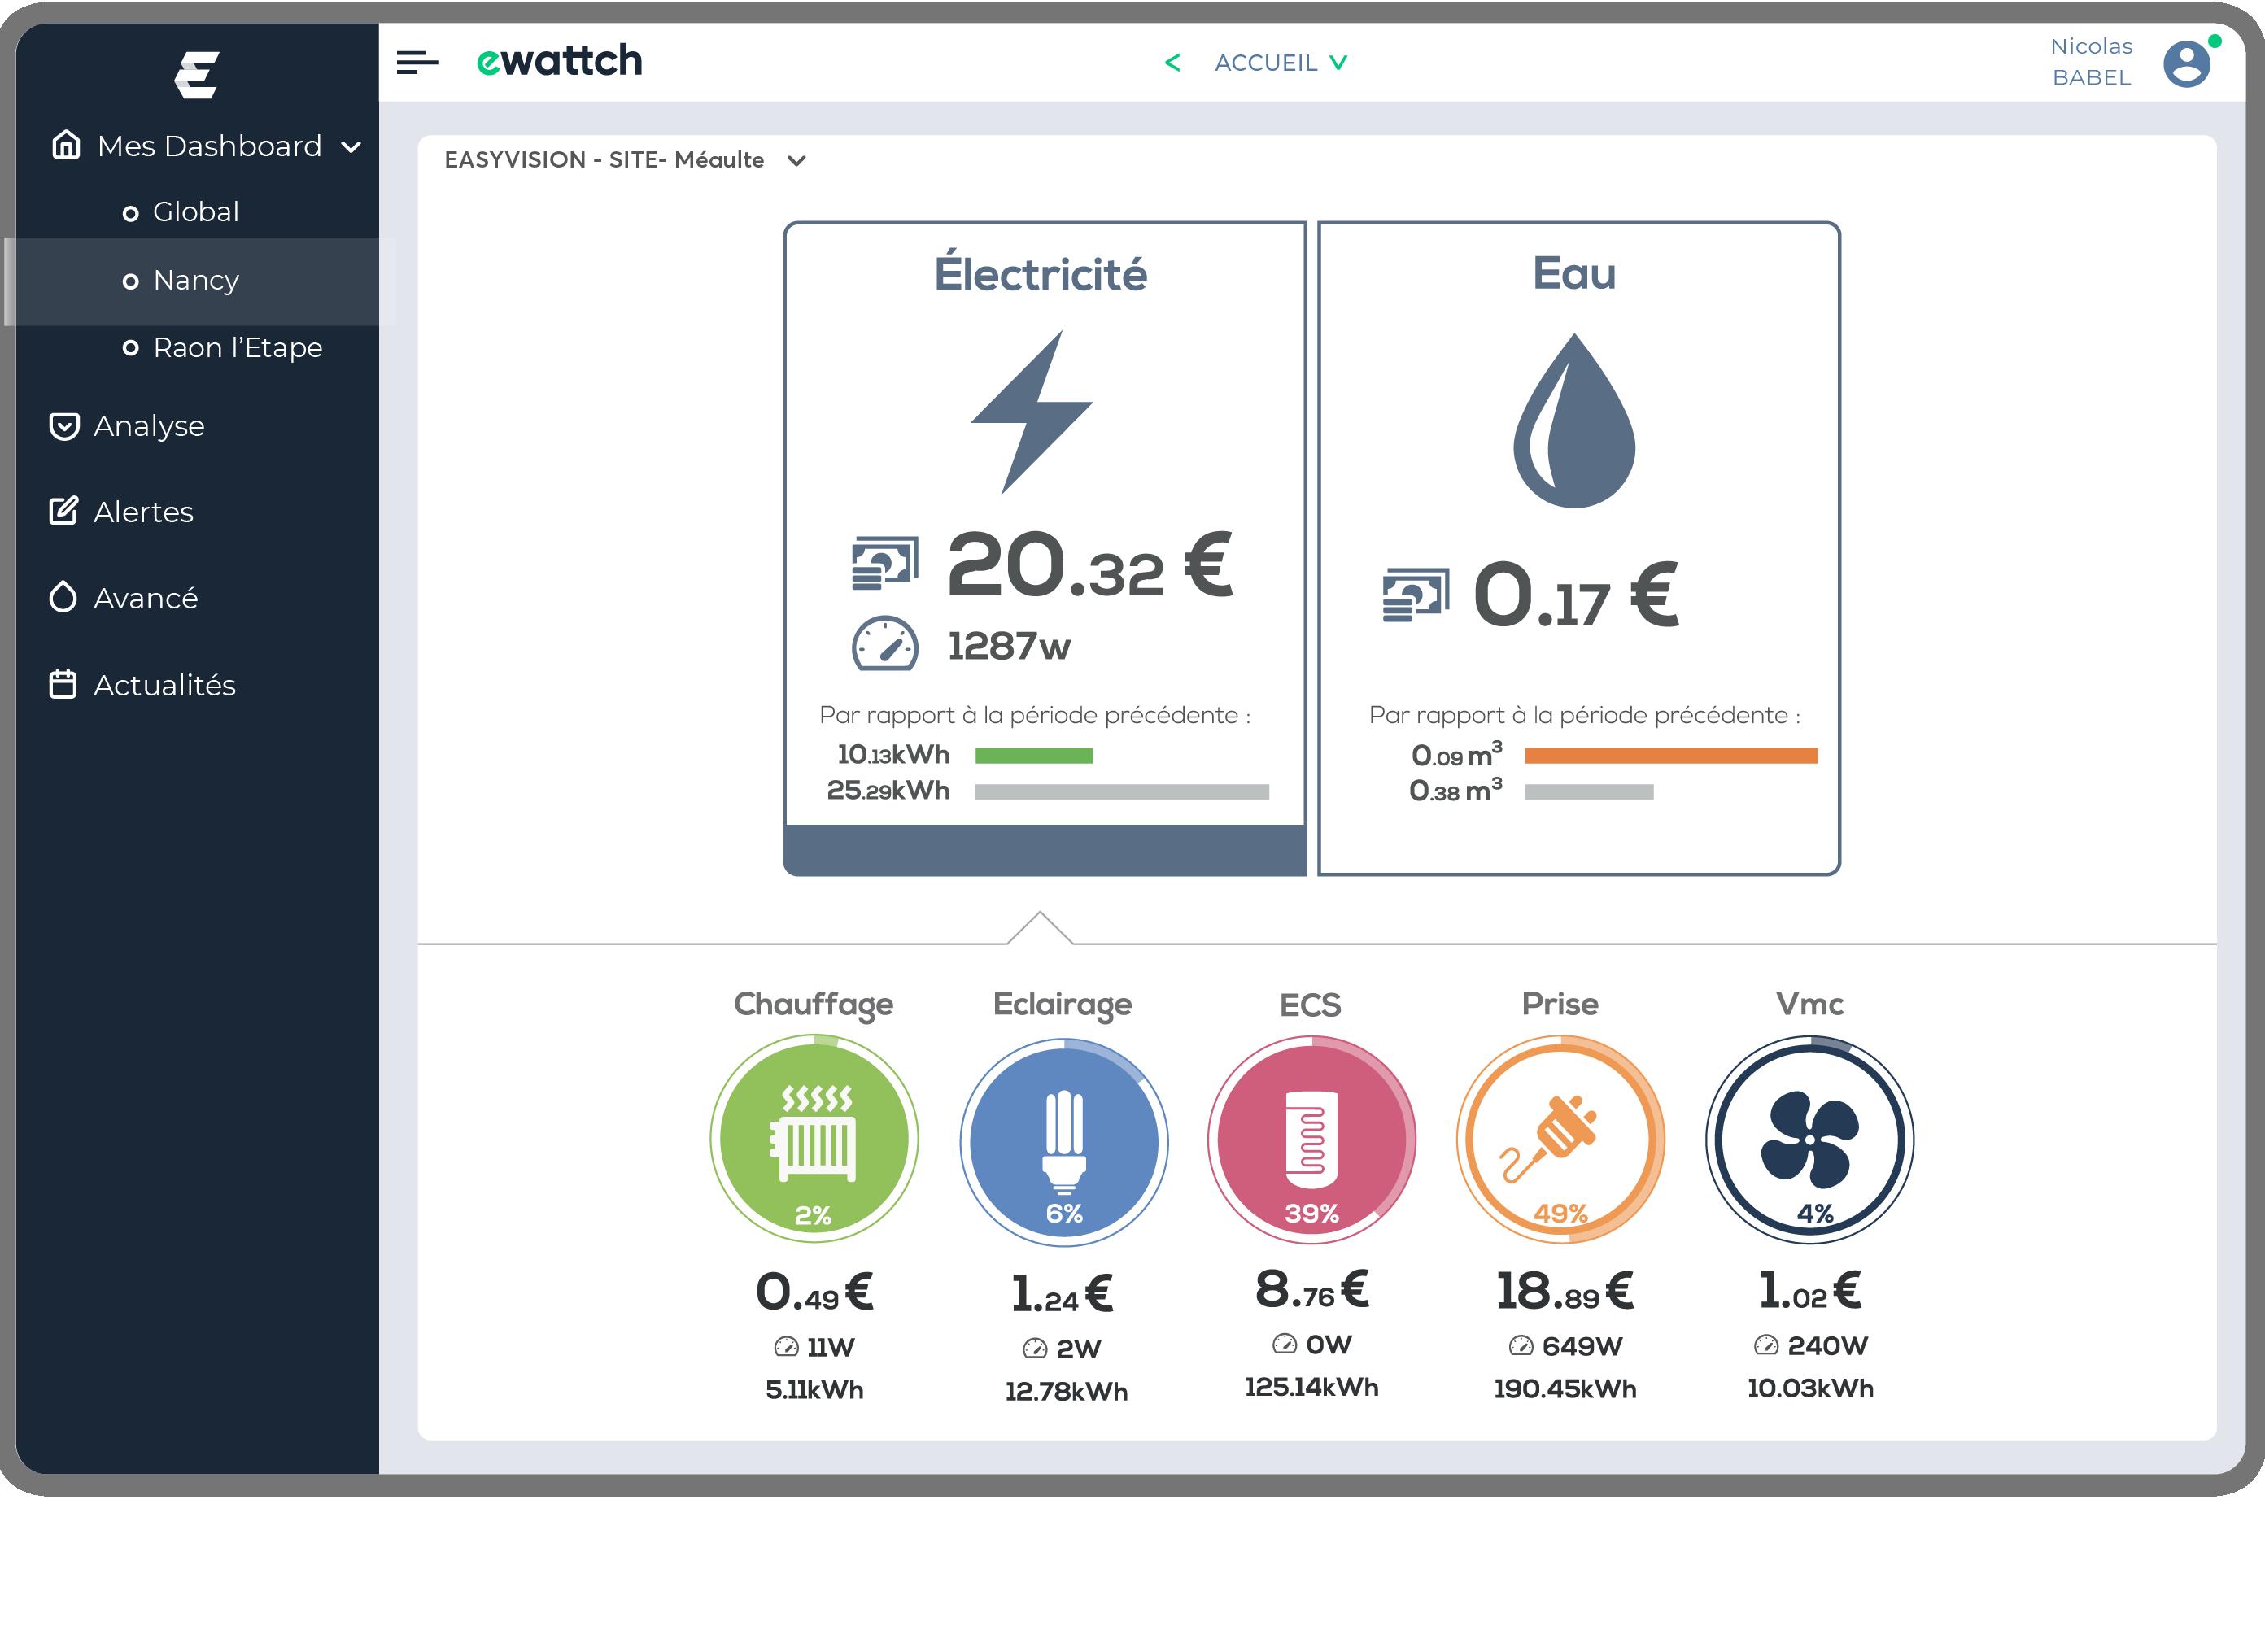 Smart Building - batiment connecté - batiment intelligent - tableau de performance énergétique - tableau de bord - efficacité énergétique